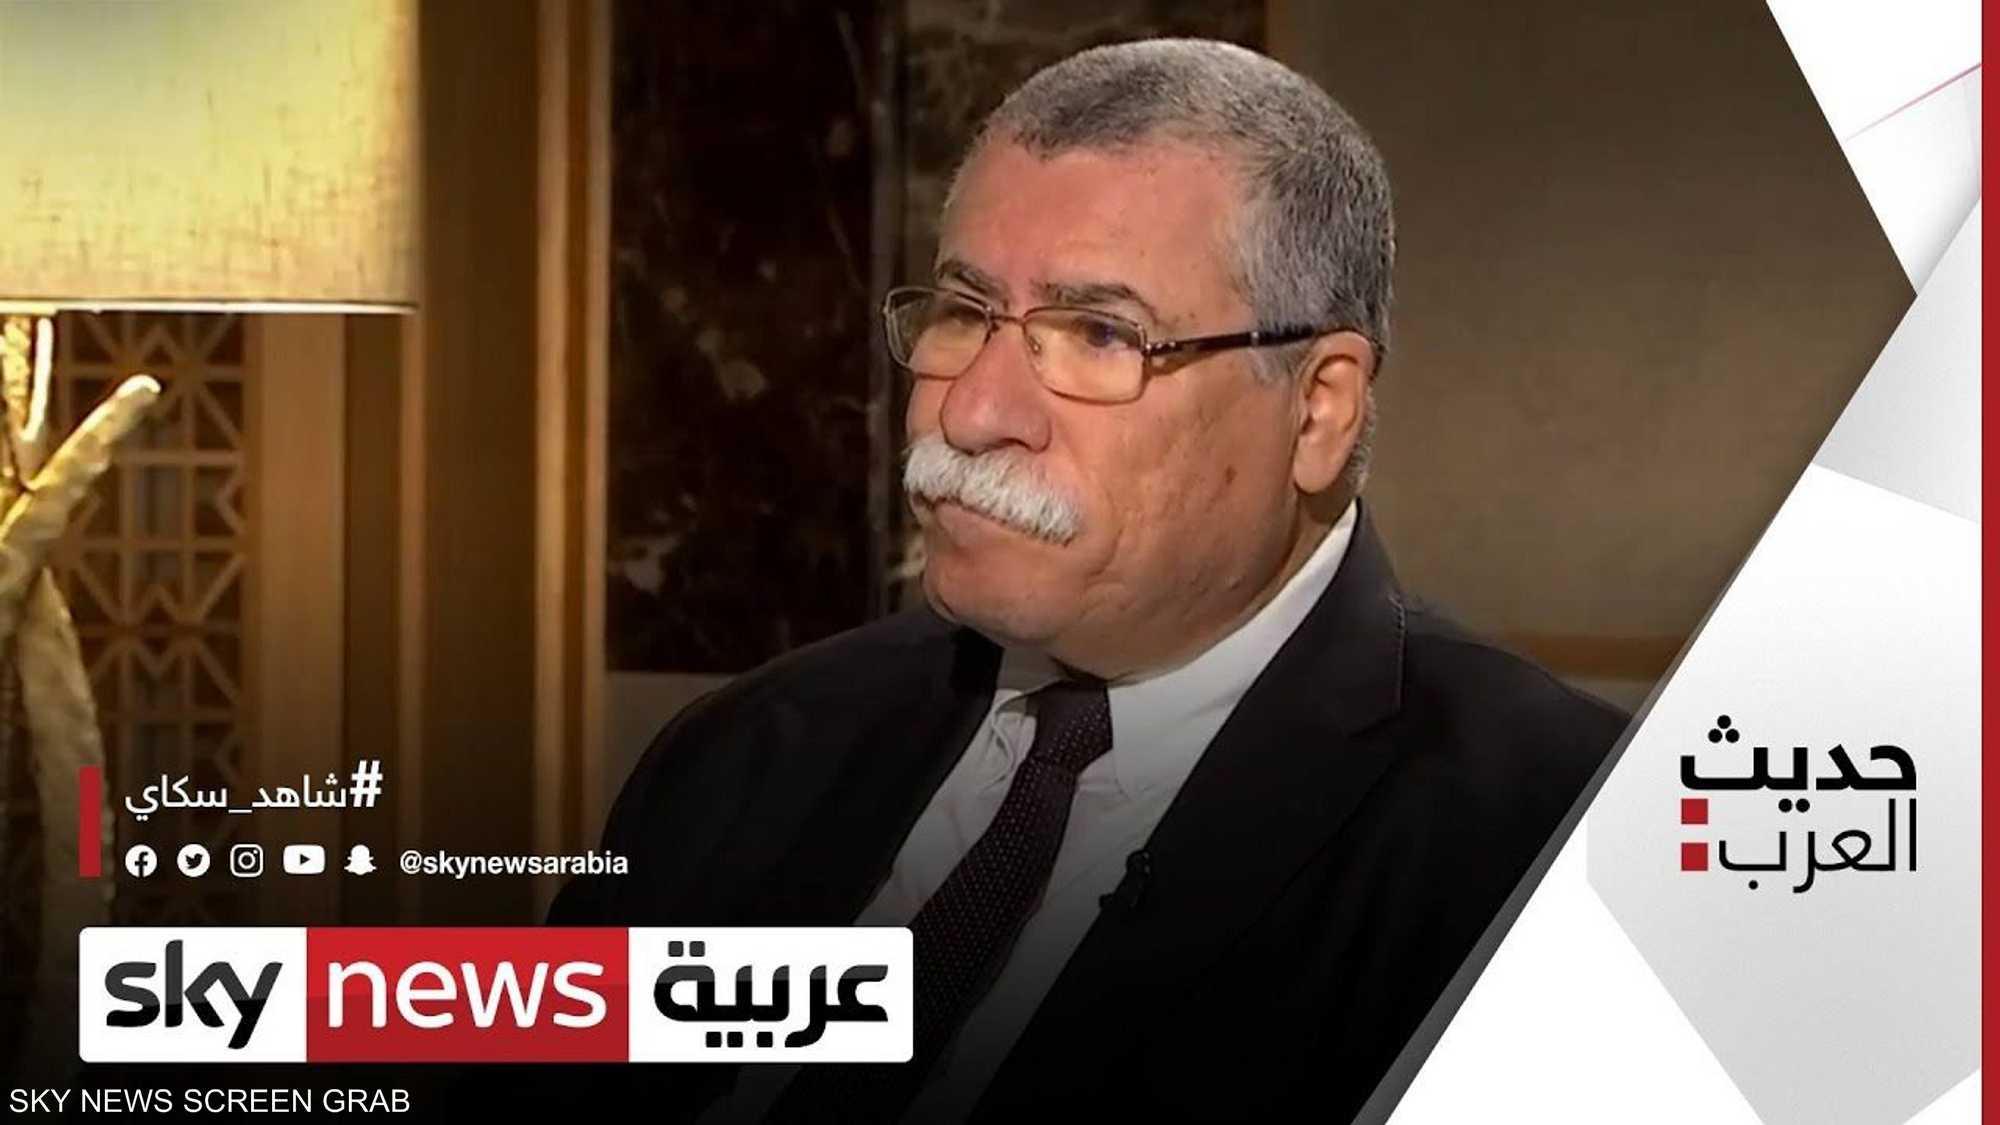 الأكاديمي التونسي محمد محجوب